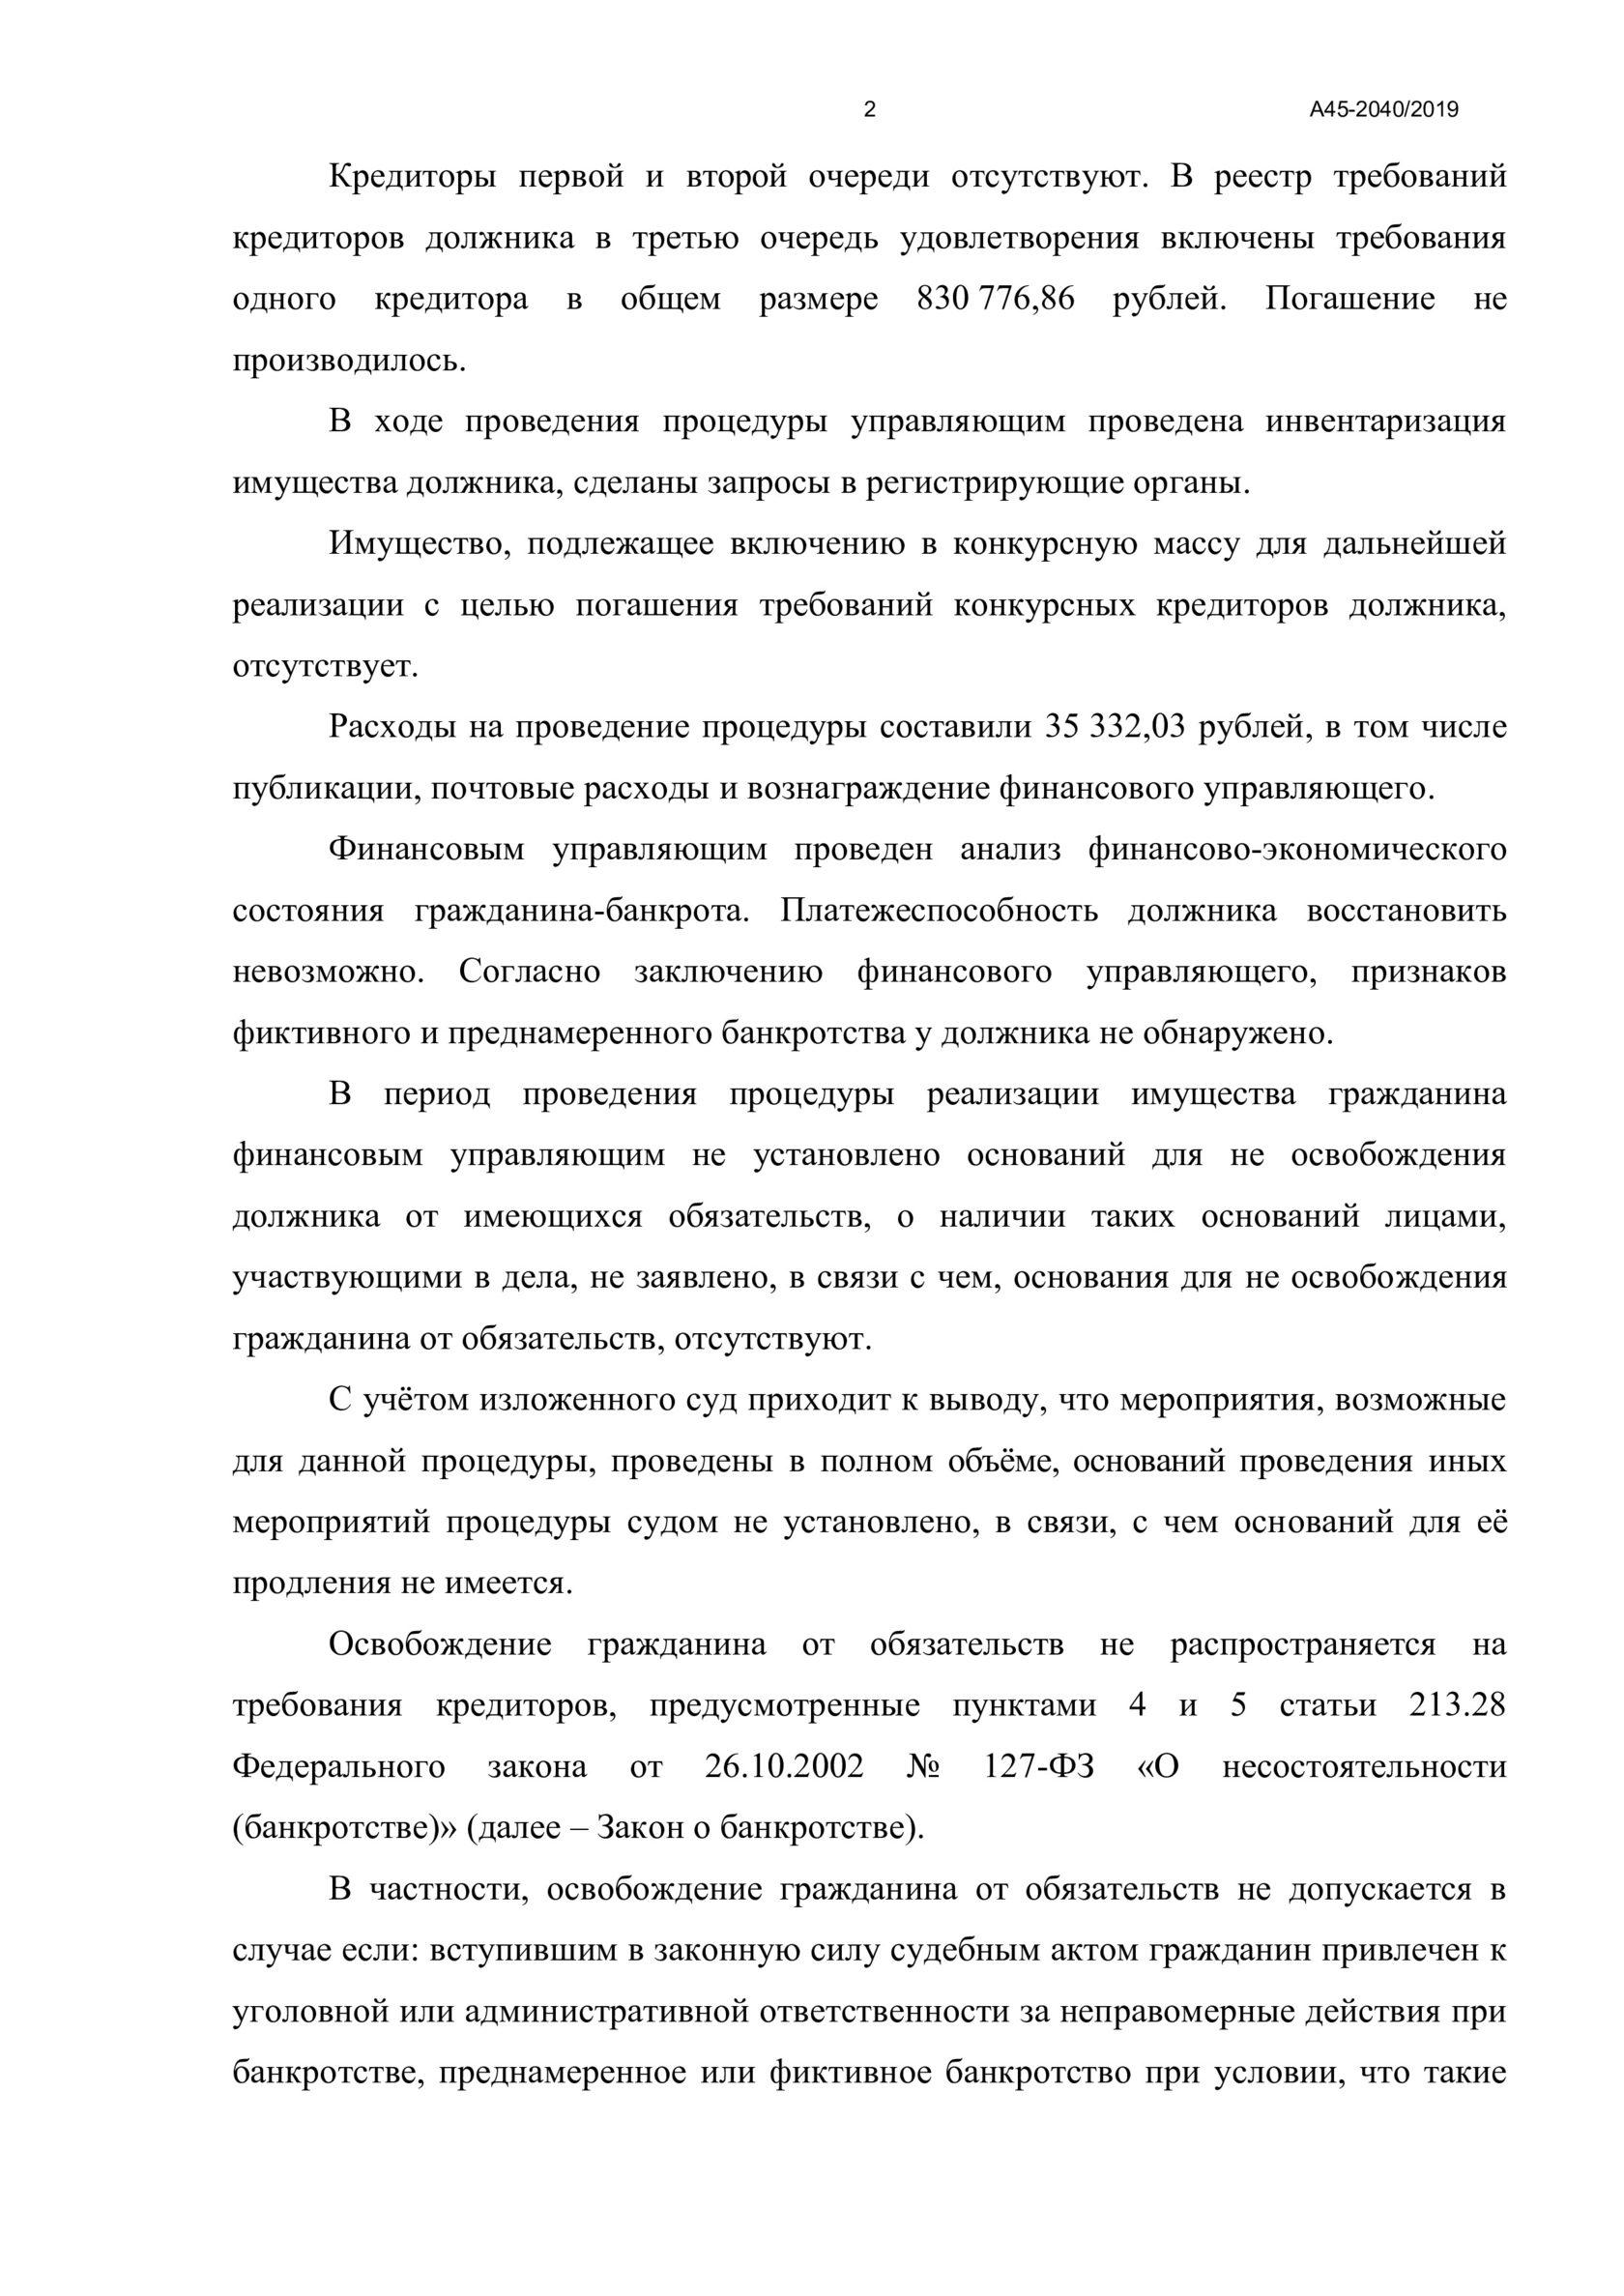 213 28 закона о банкротстве